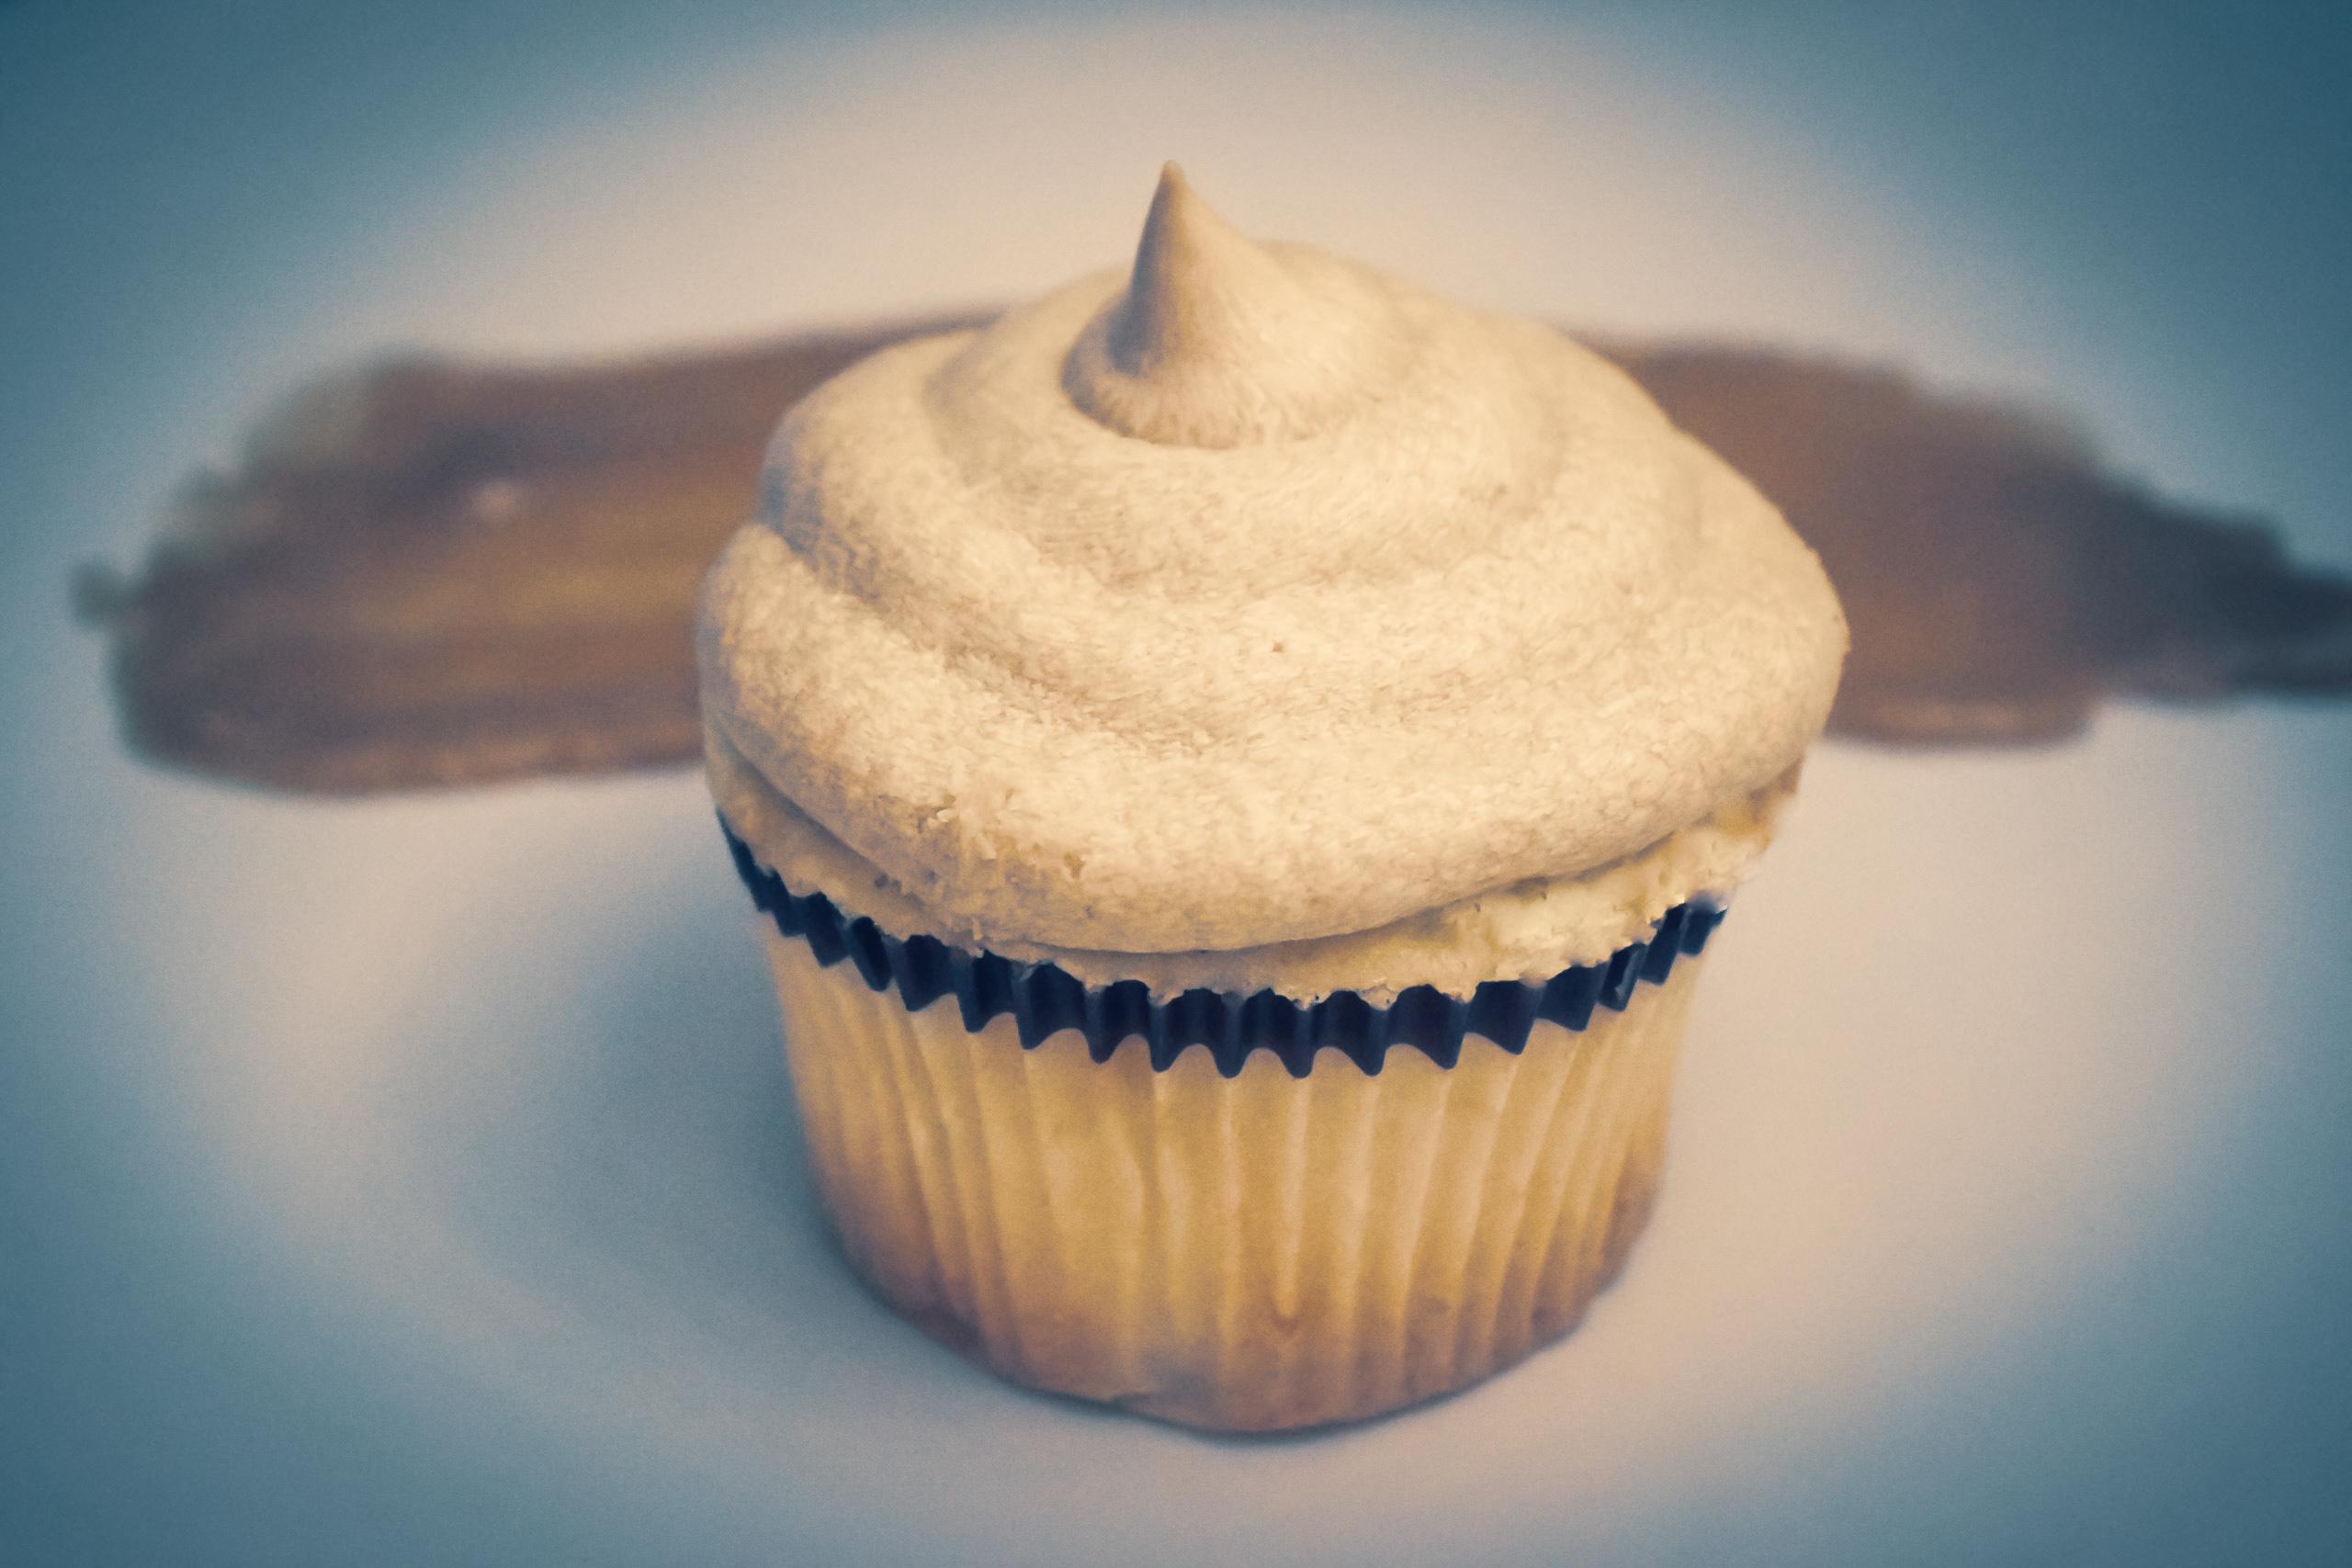 Christopher's Bakery | Dessert | Baked Good | Cupcake | Caramel